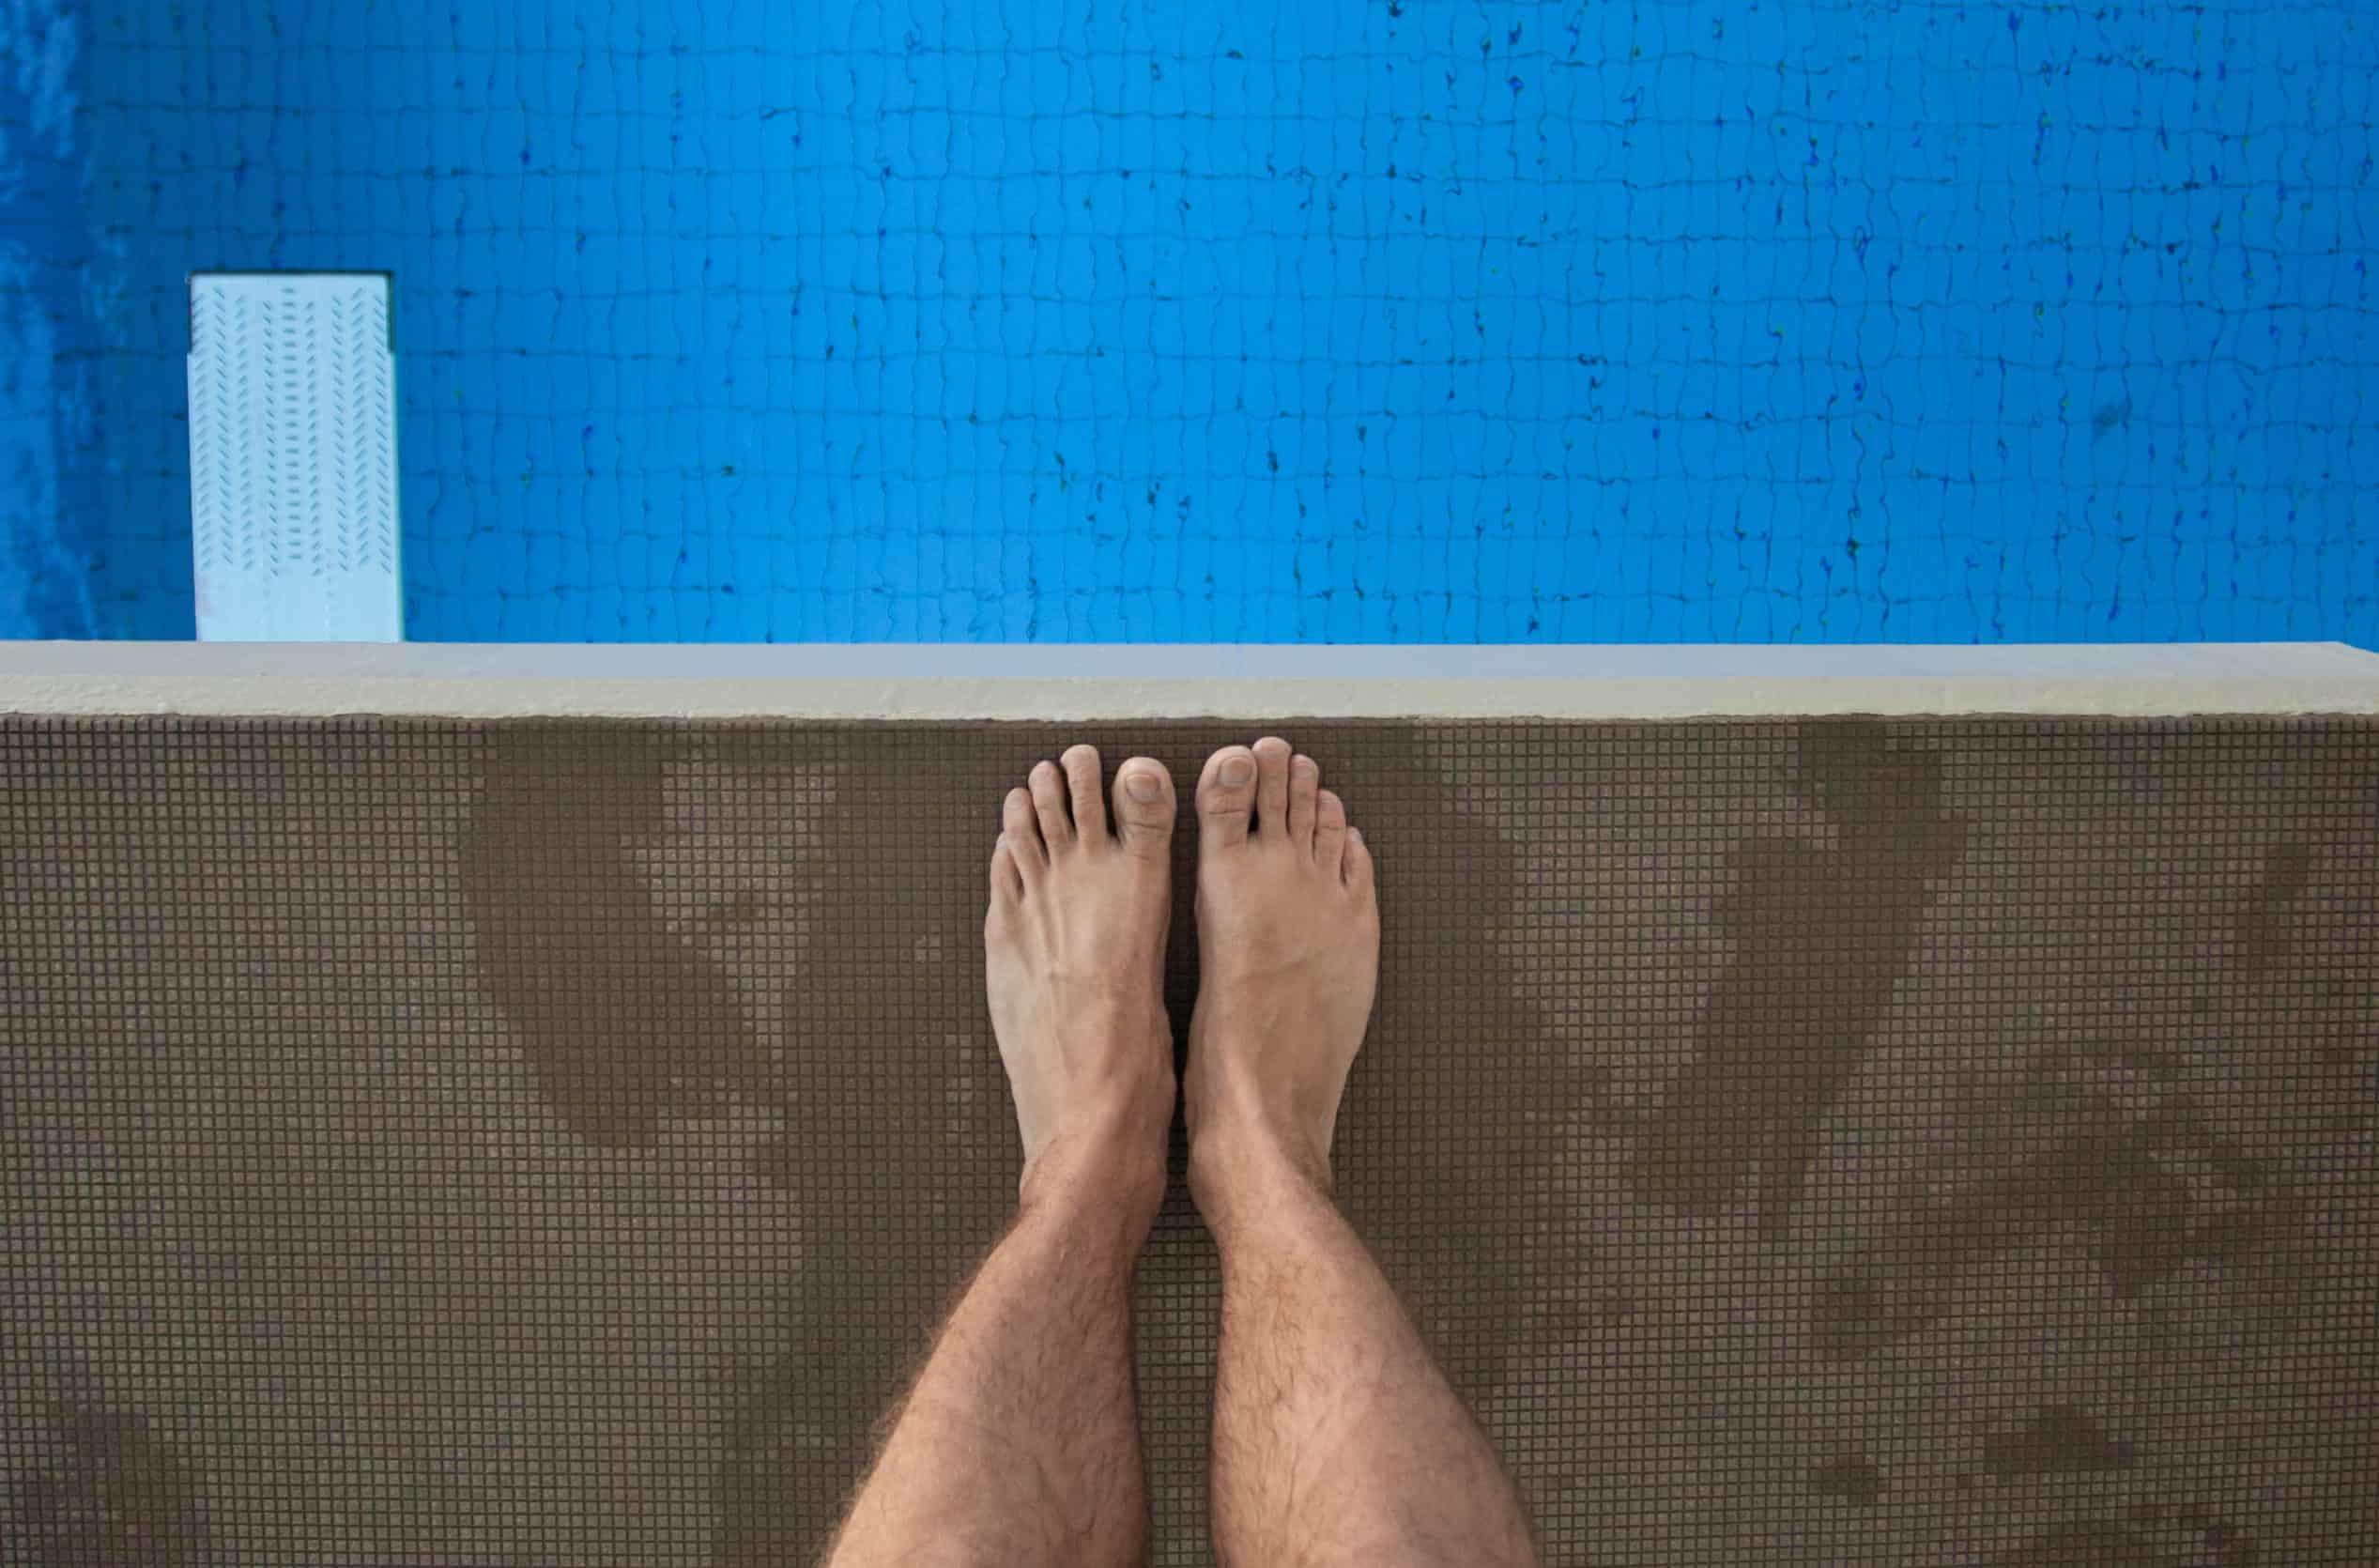 photocase.com/emanoo